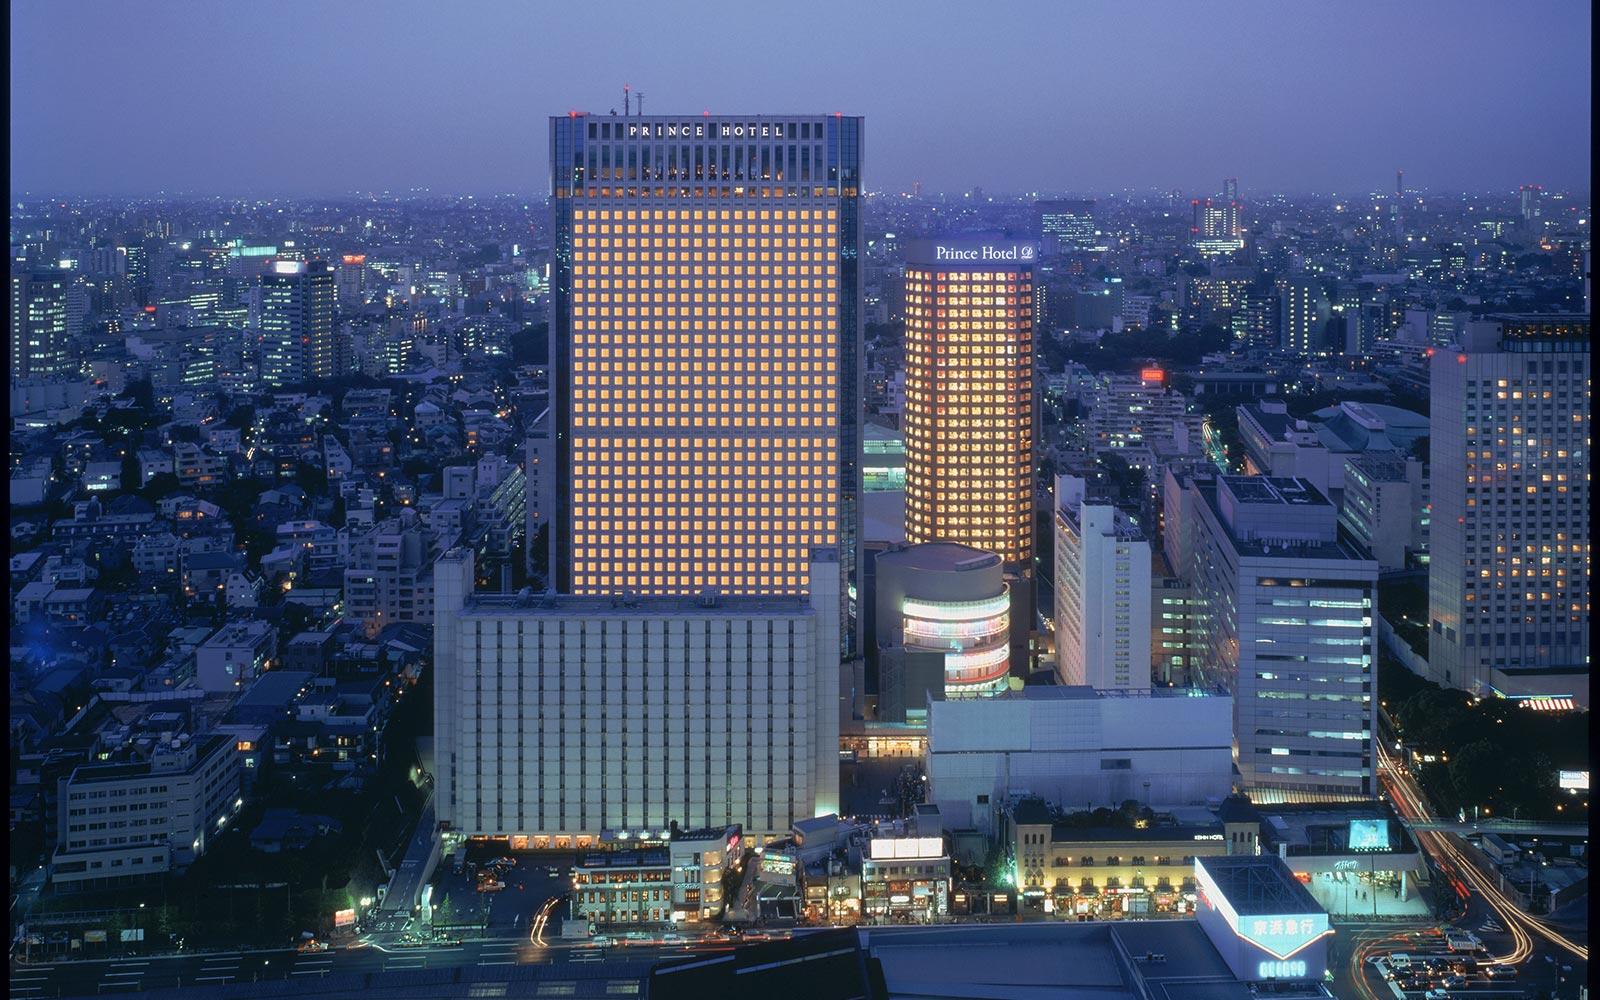 full-view-night-shinagawa-prince-hotel